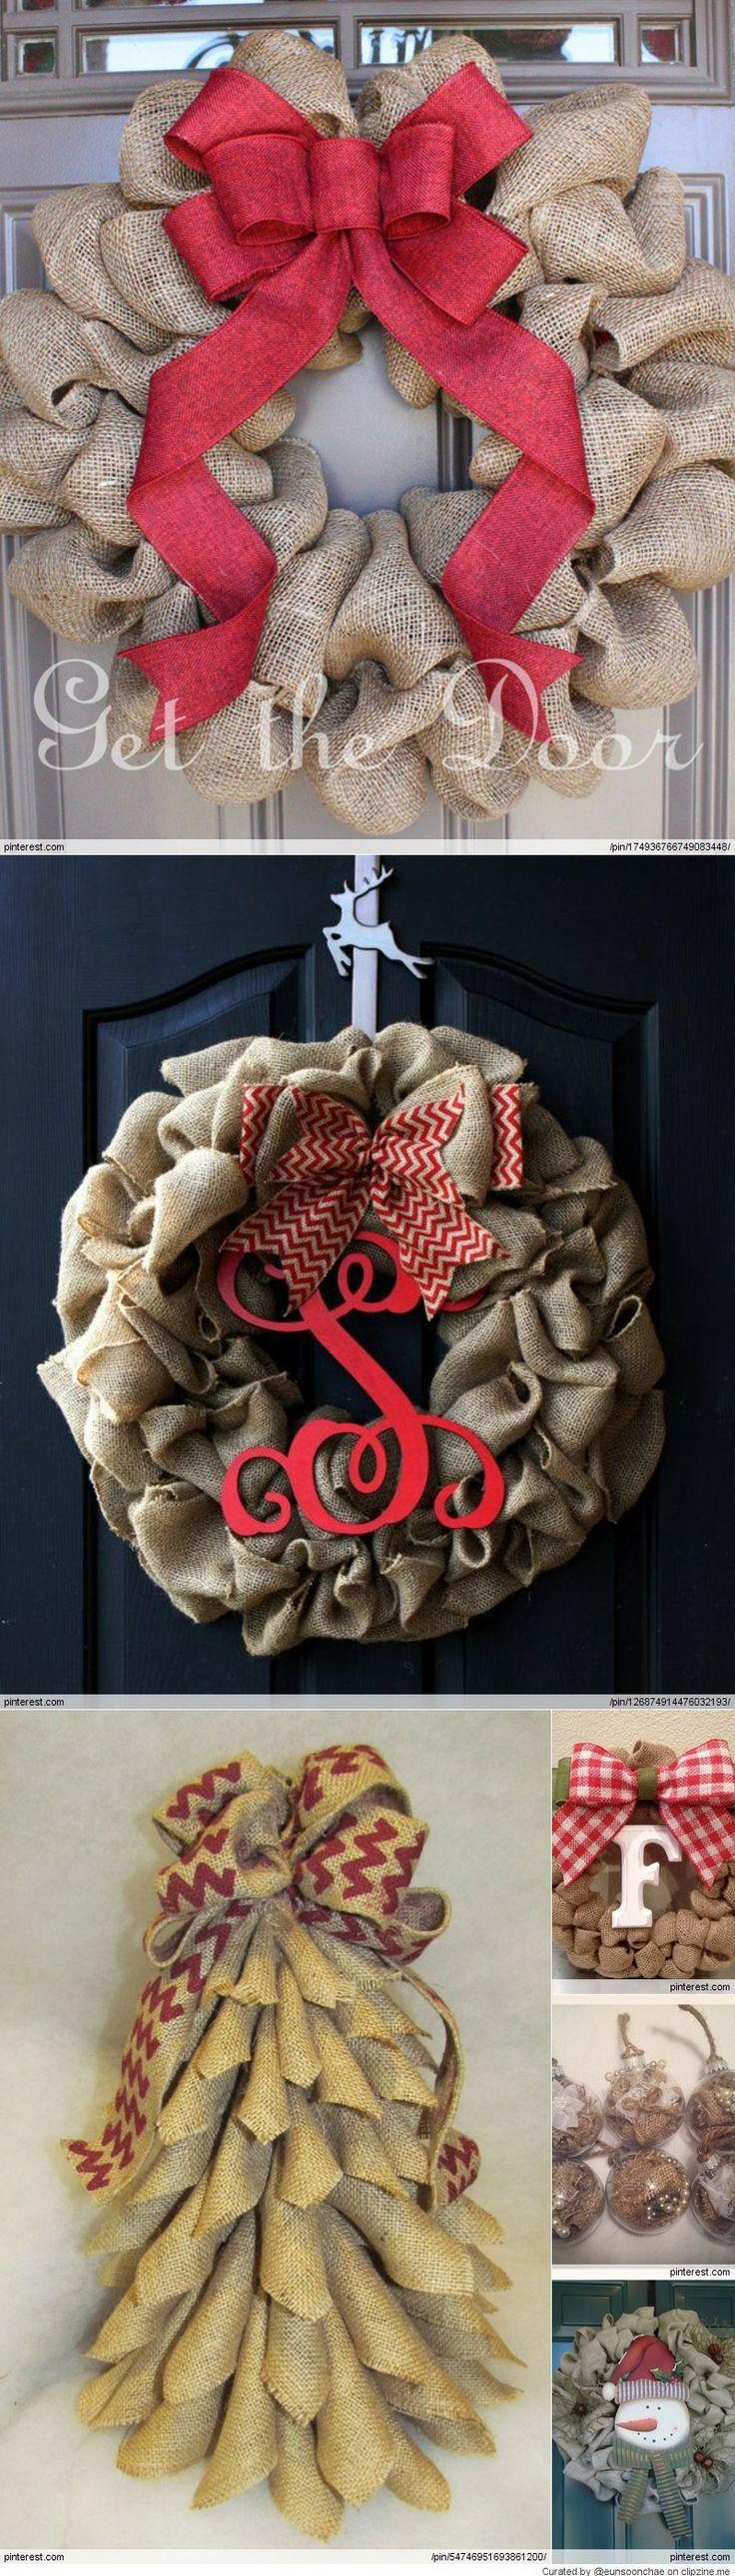 Burlap Christmas wreath. Love the bottom one shaped like tree.